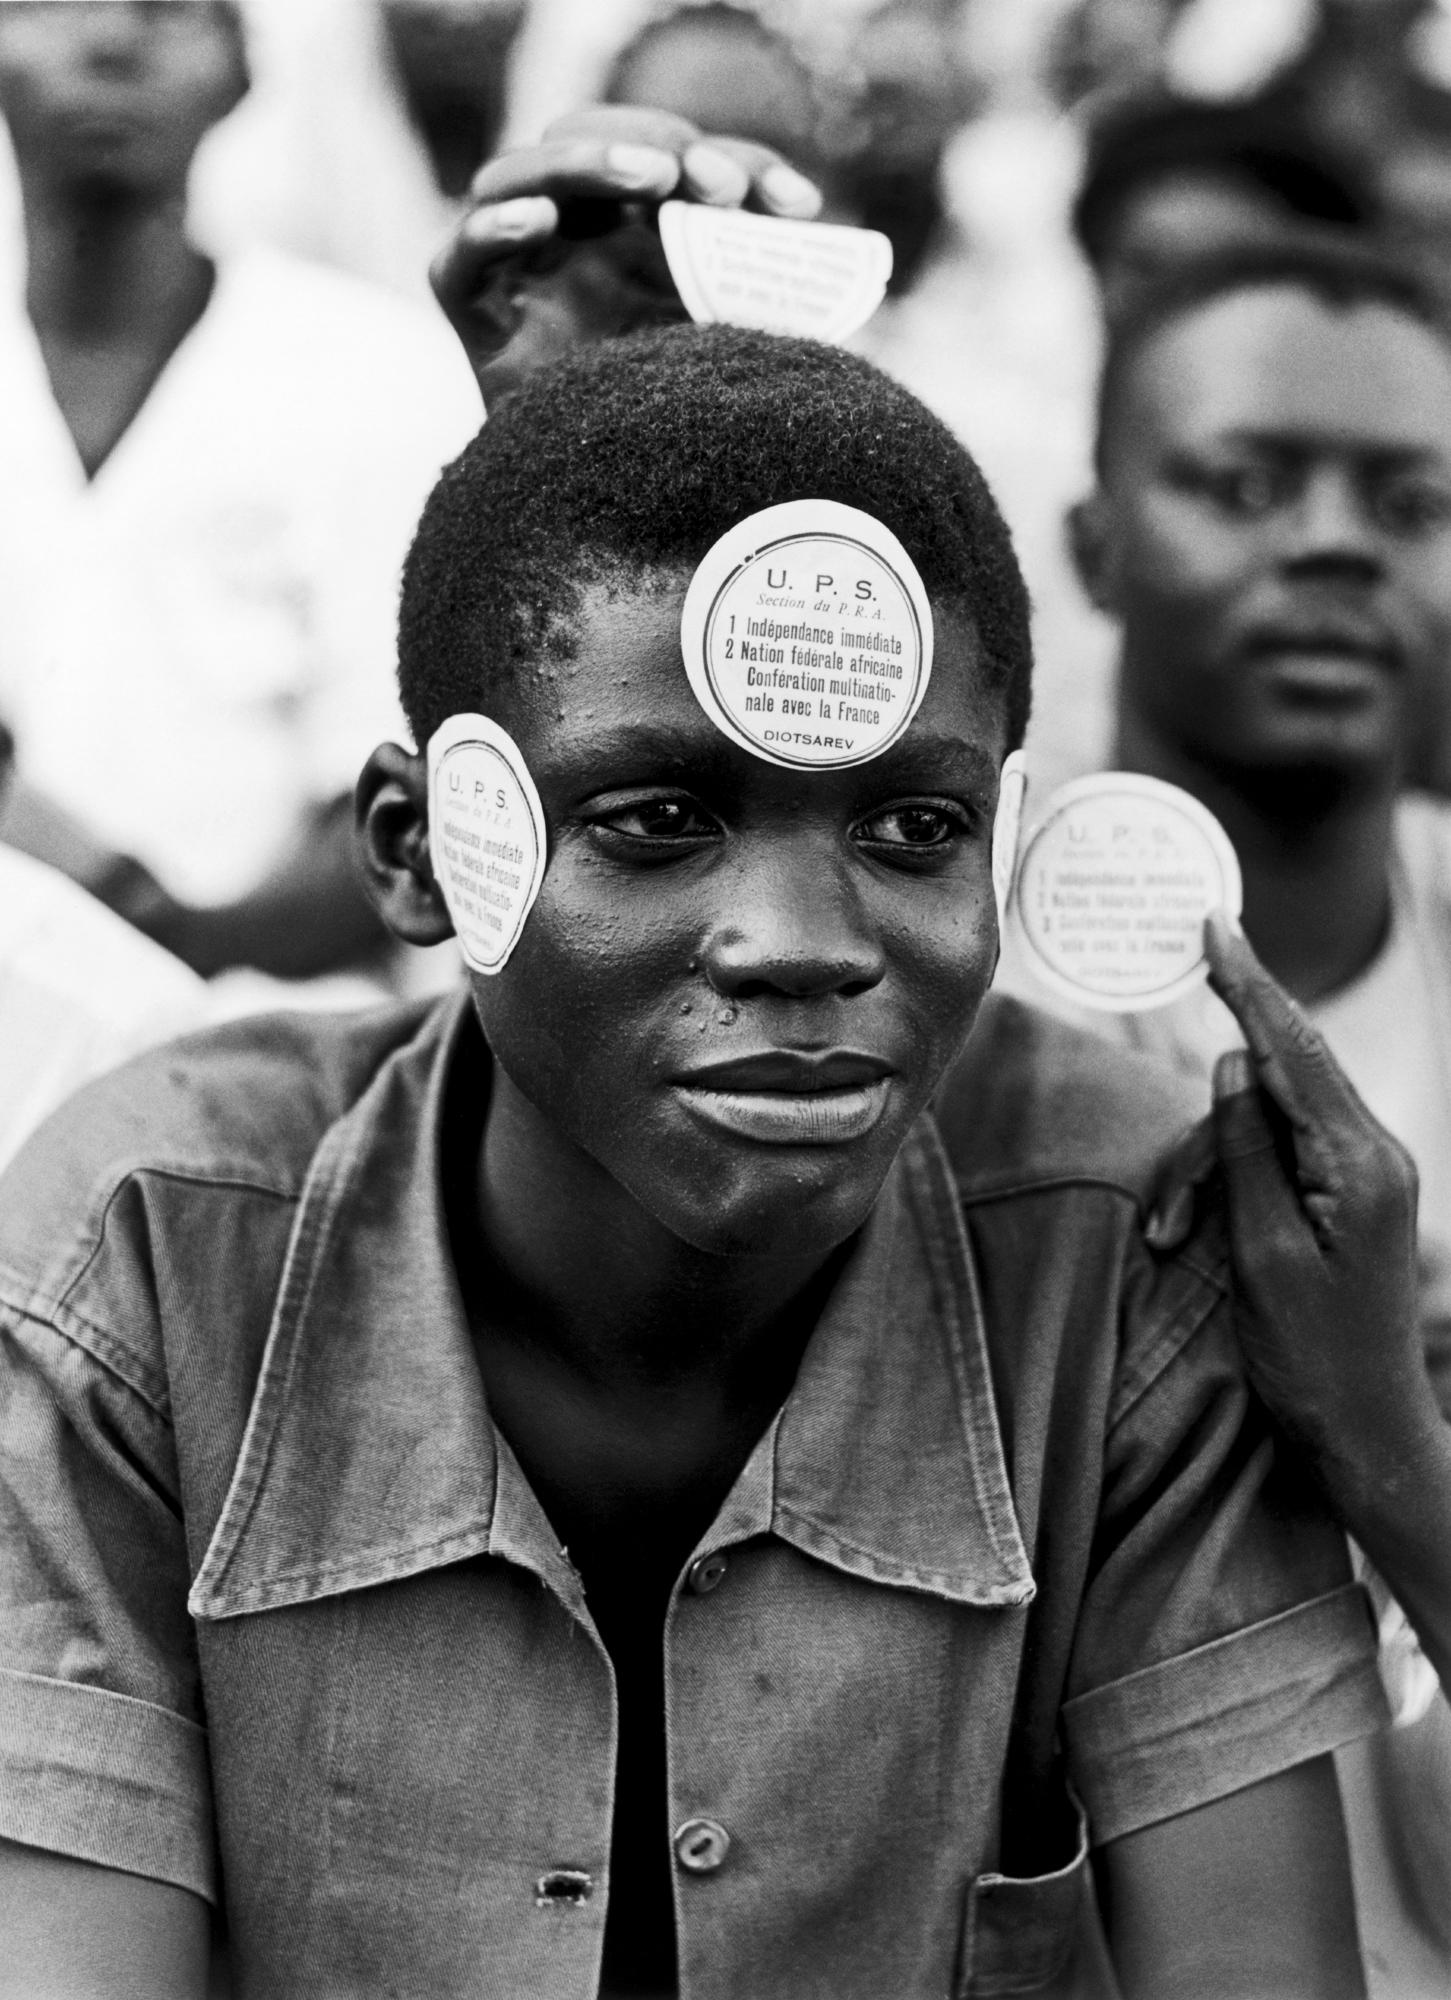 Un membre de l'Union progressive sénégalaise manifestant pour l'indépendance lors de la visite de De Gaulle, en août1958.